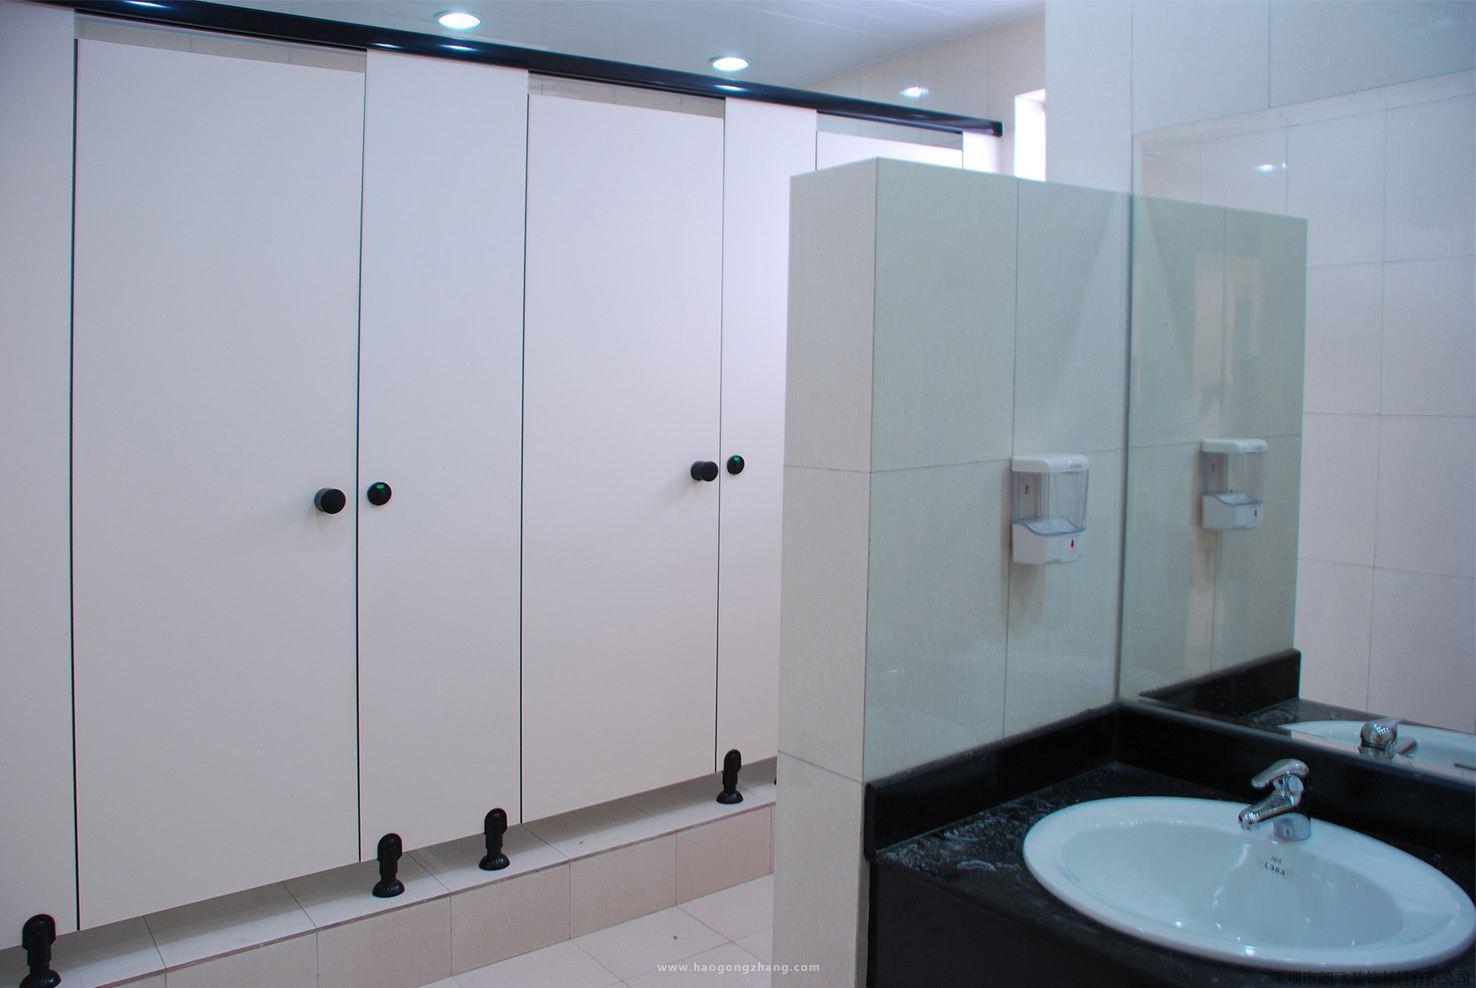 卫生间隔断验收标准_卫生间隔断品牌哪个好 卫生间隔断品牌如何选择